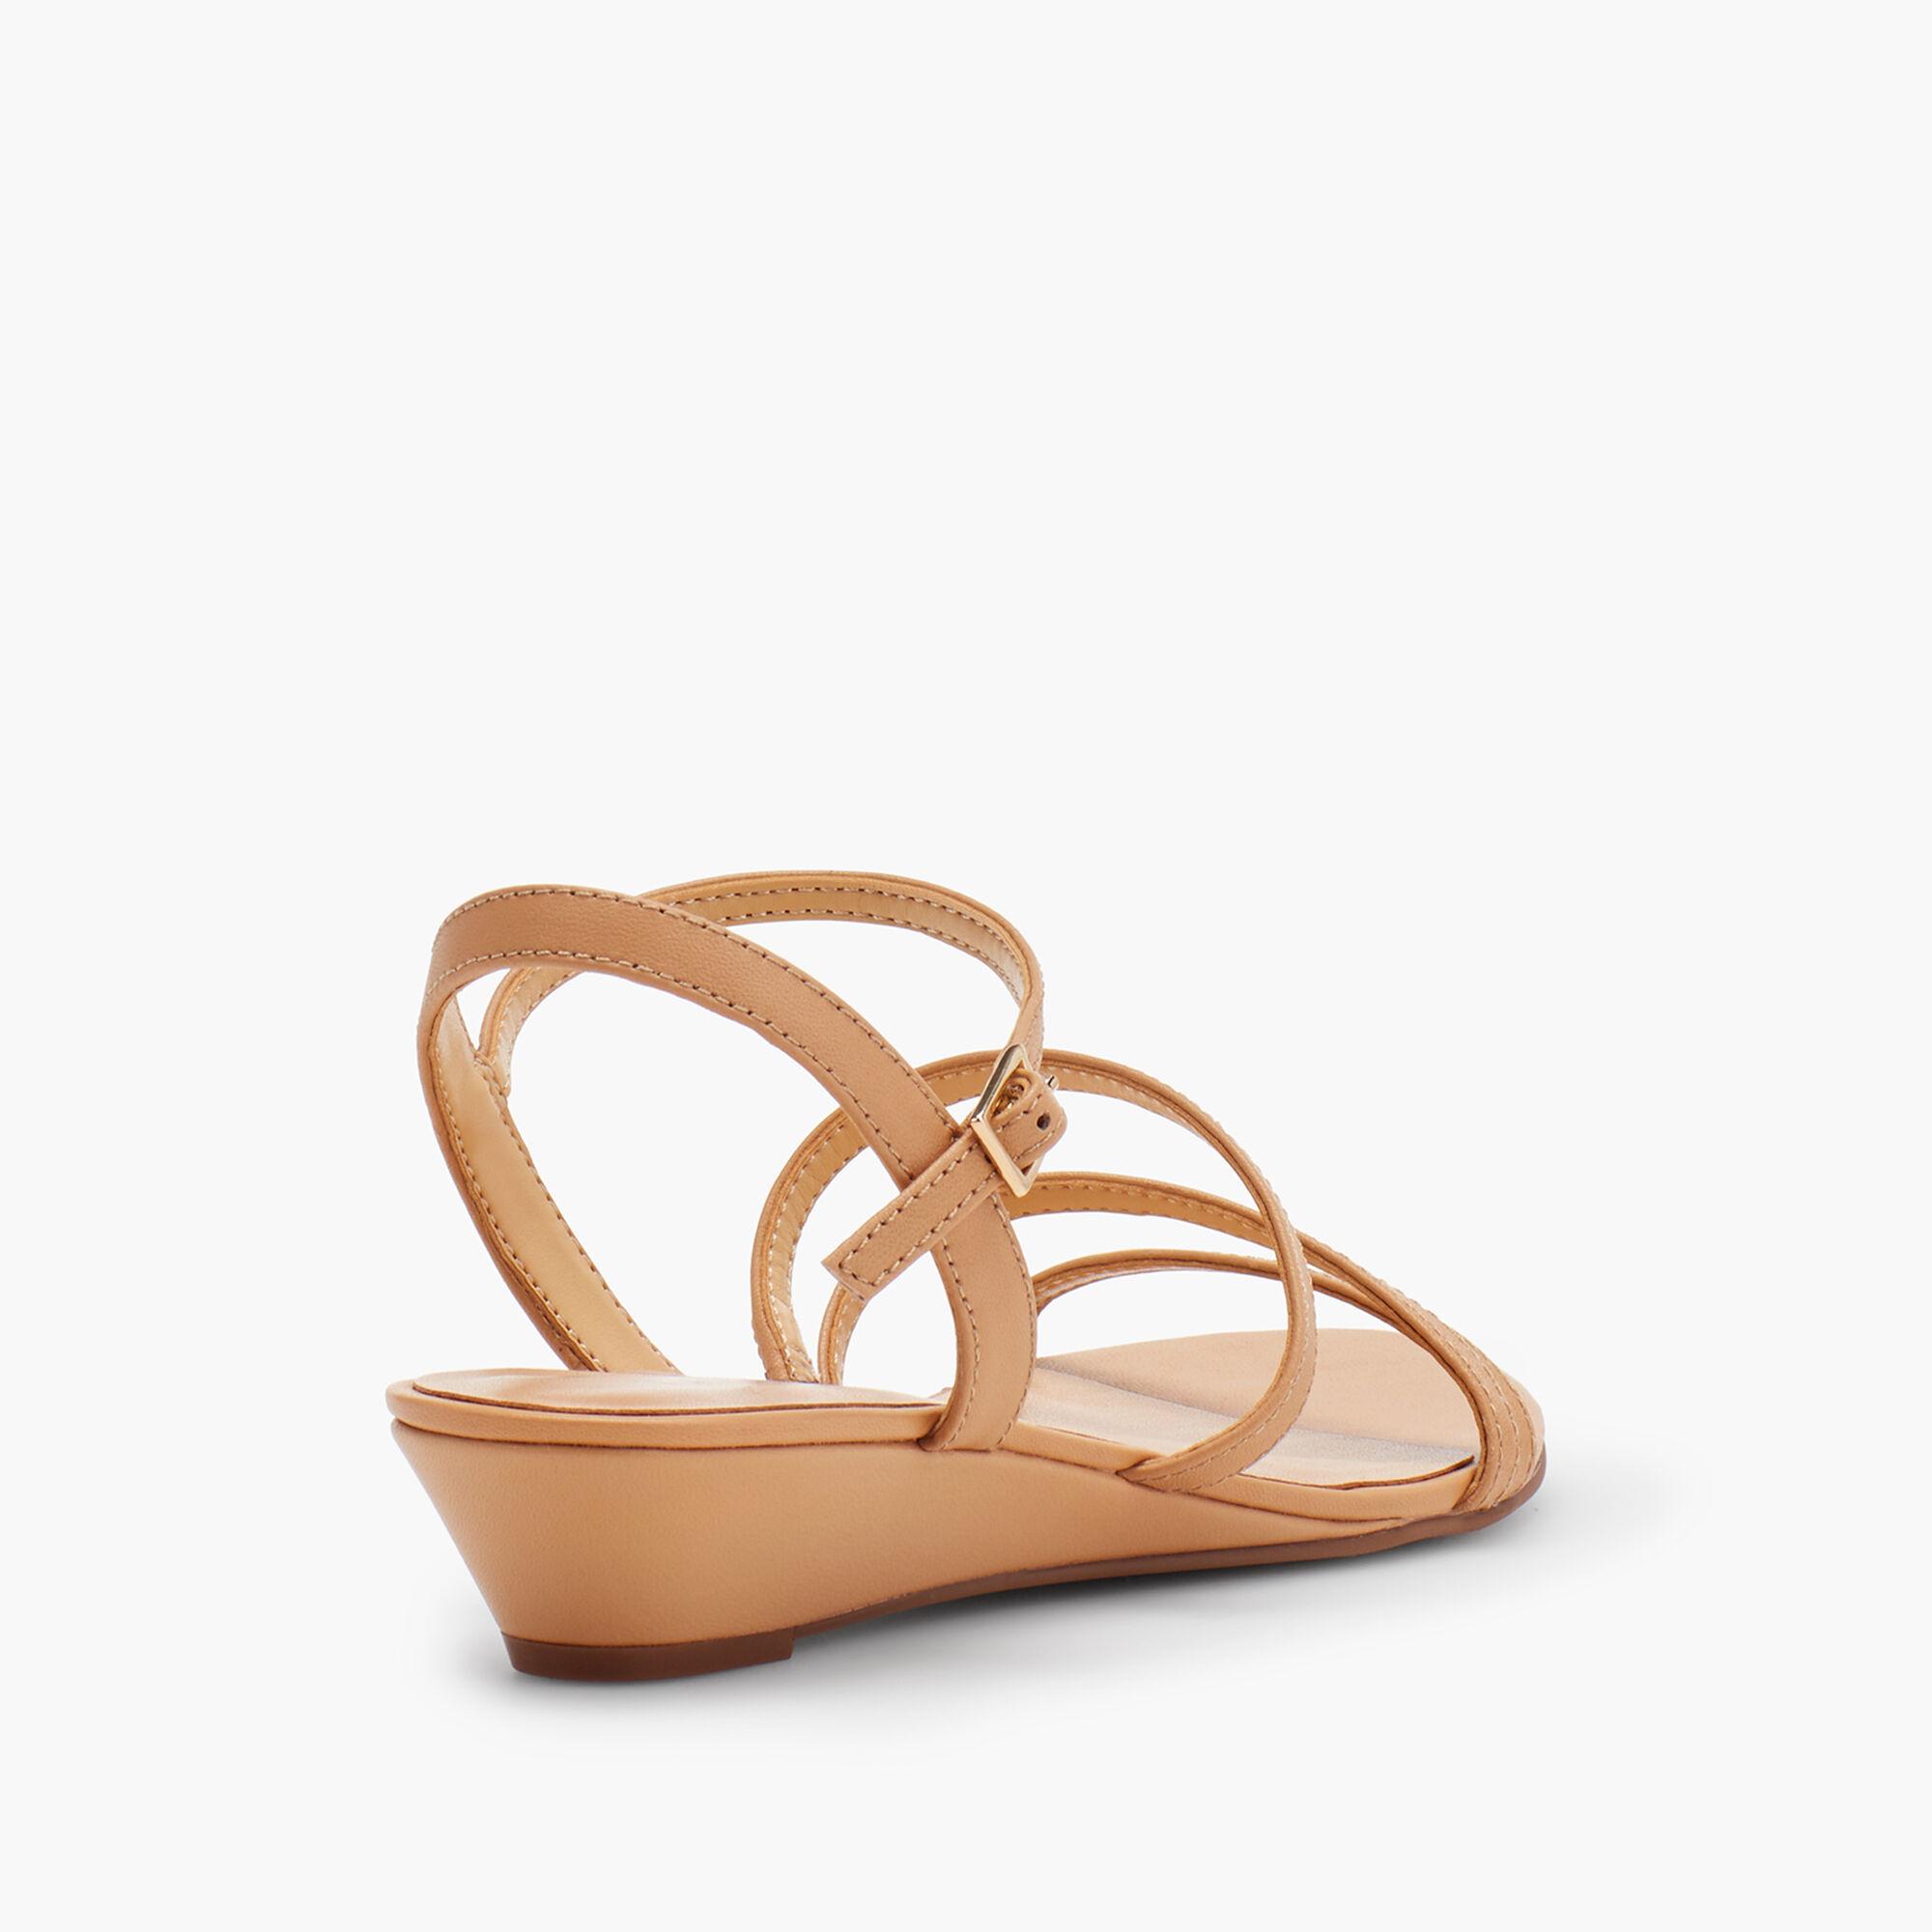 095170e94ca Capri Multi-Strap Mini-Wedge Sandals - Nappa Leather